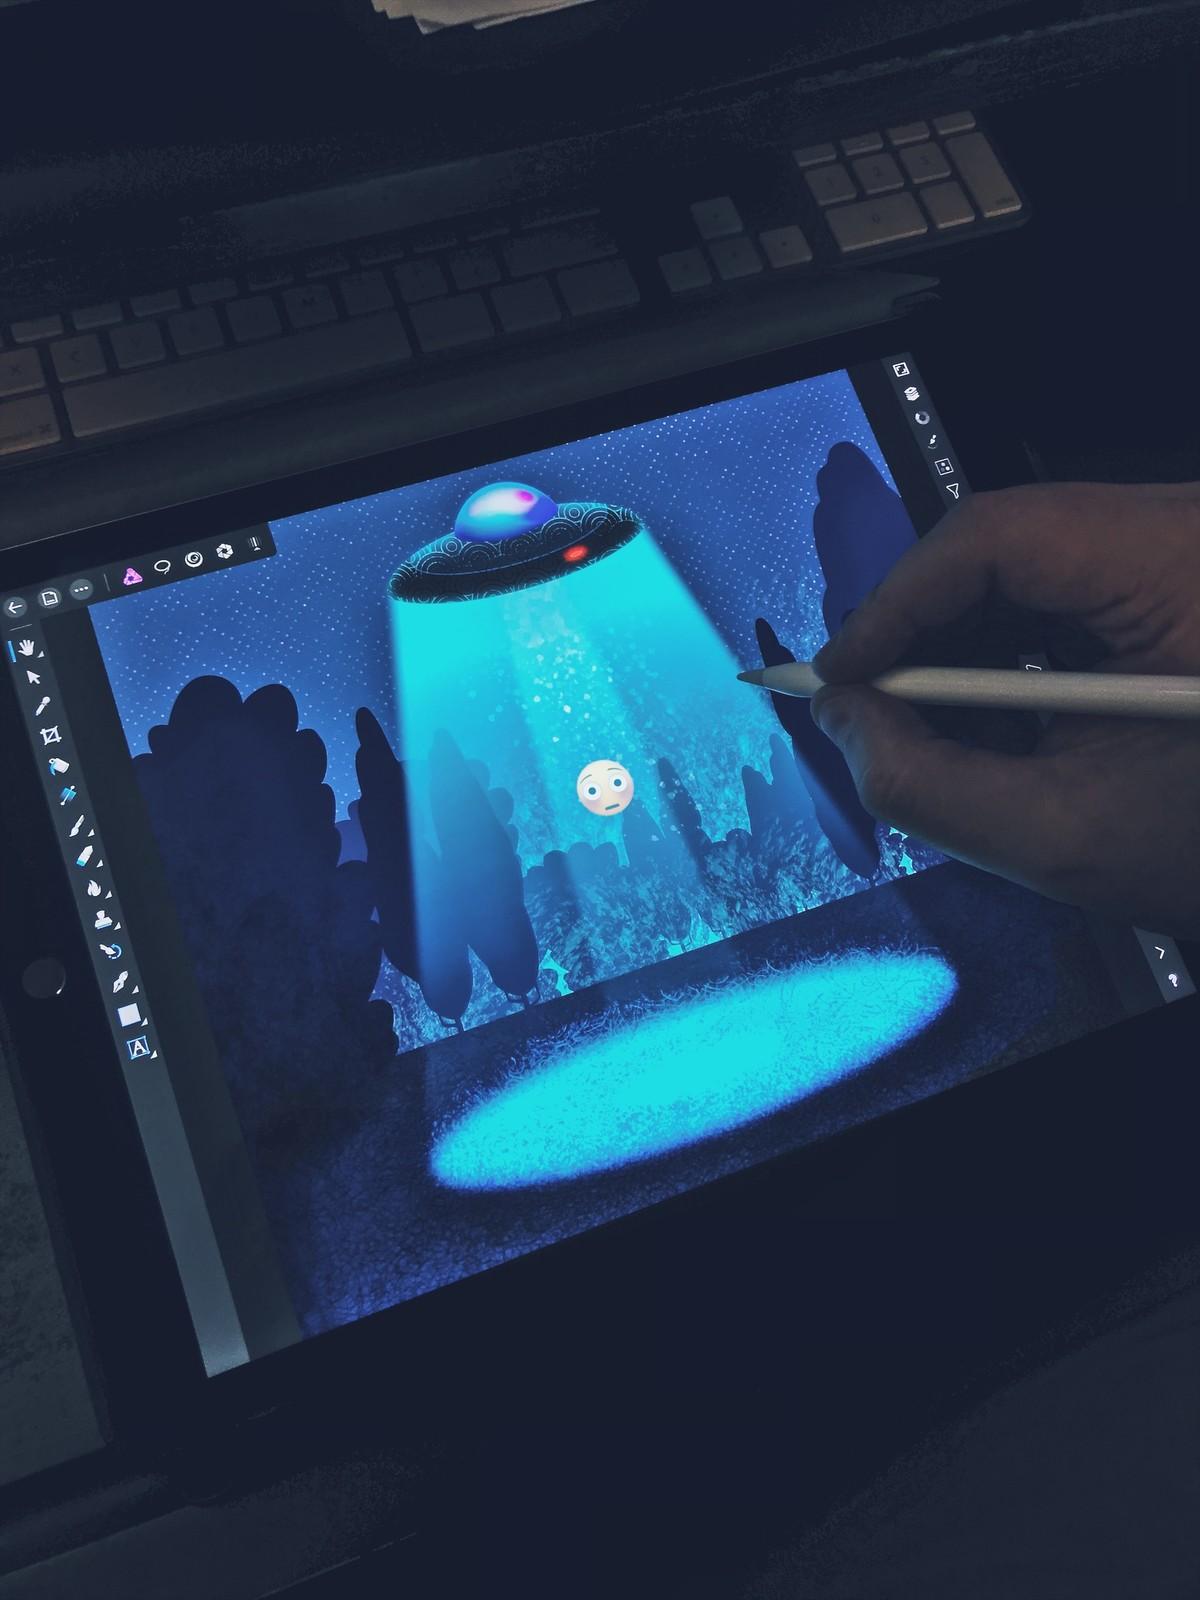 iPad Pro and Affinity Photo